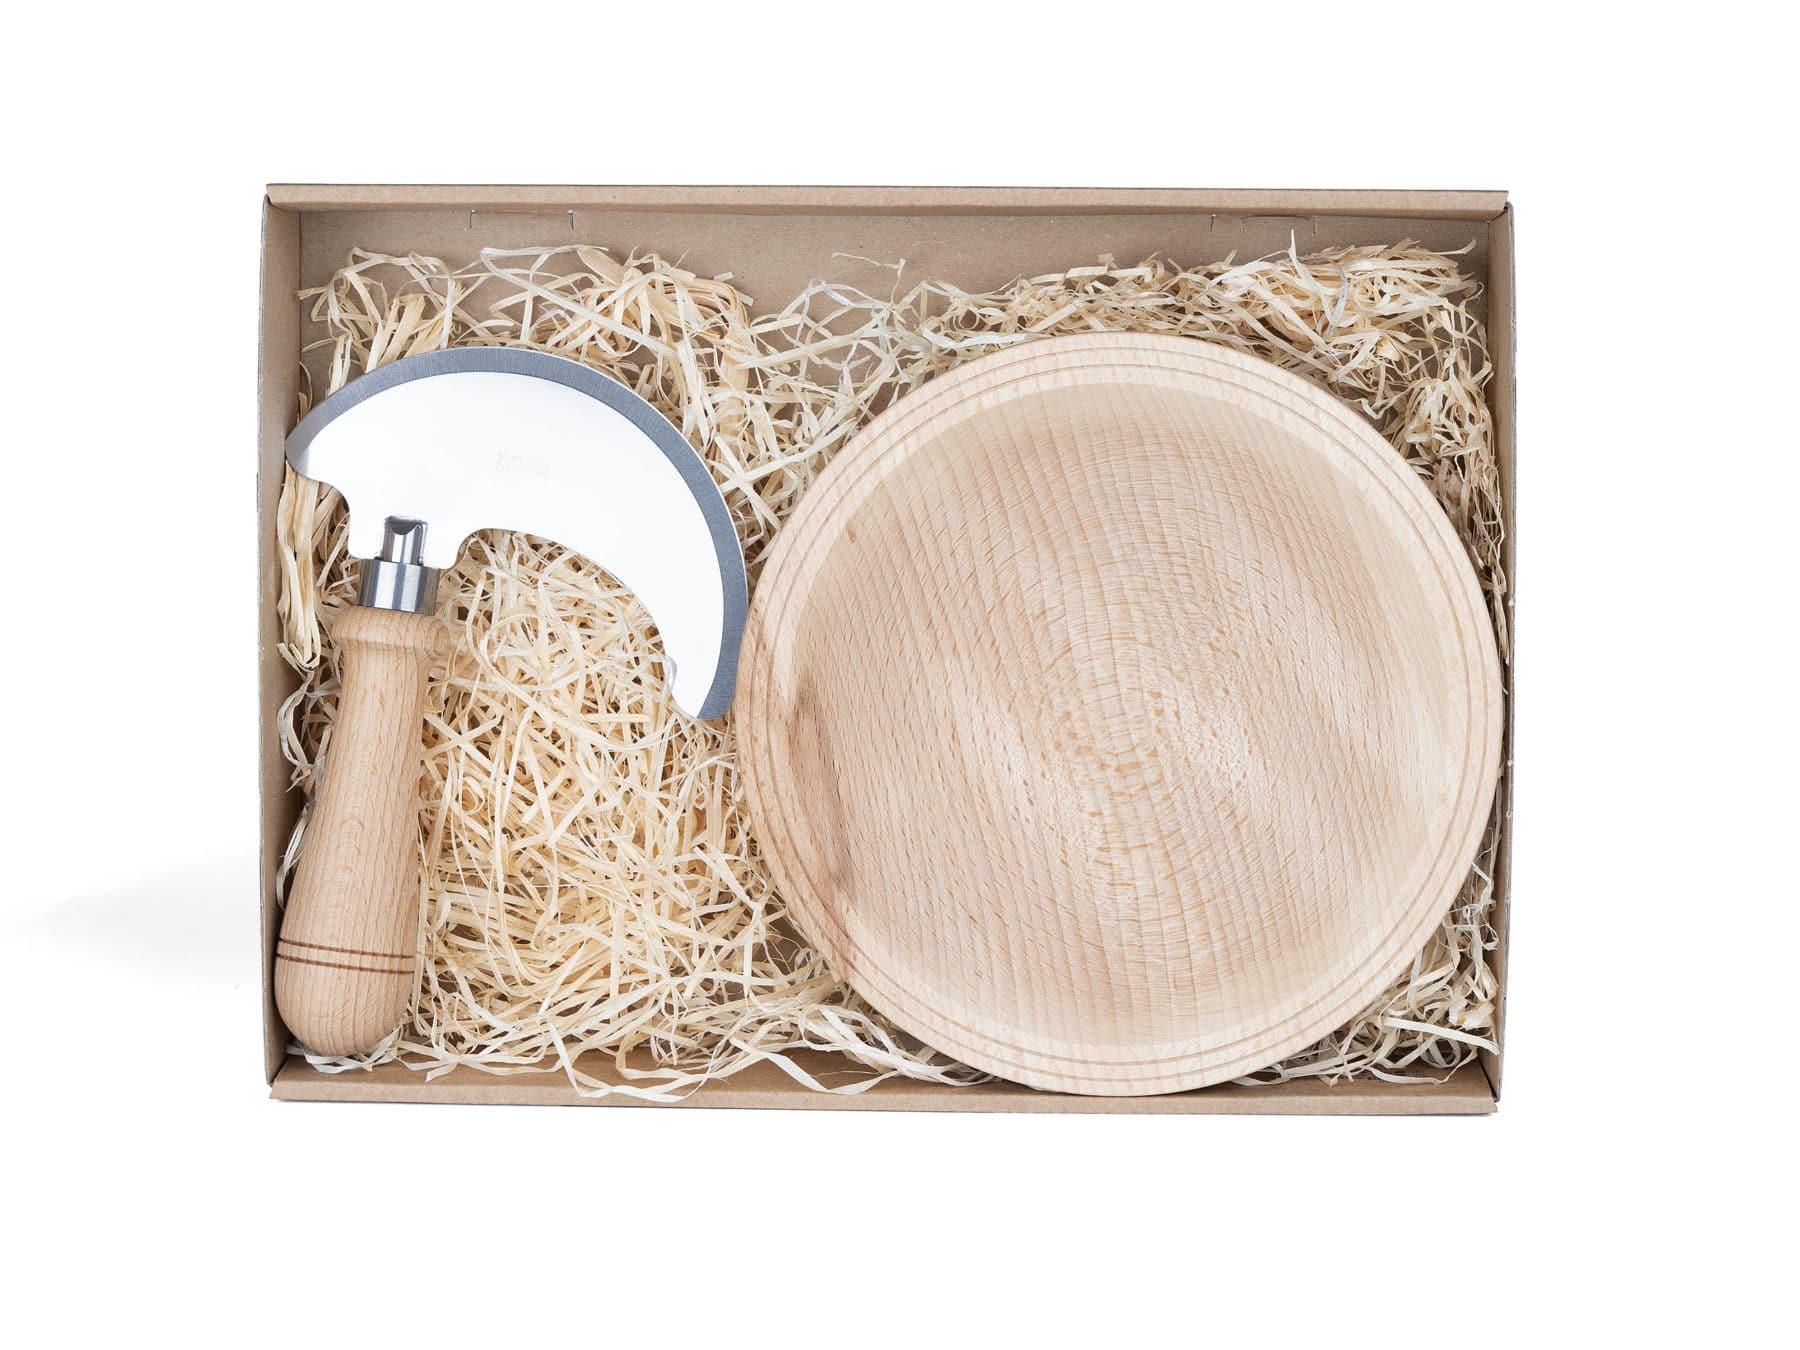 Schweizer Kraeutermesser Set mit Holzschale handgemacht swissmade KURTS.ch